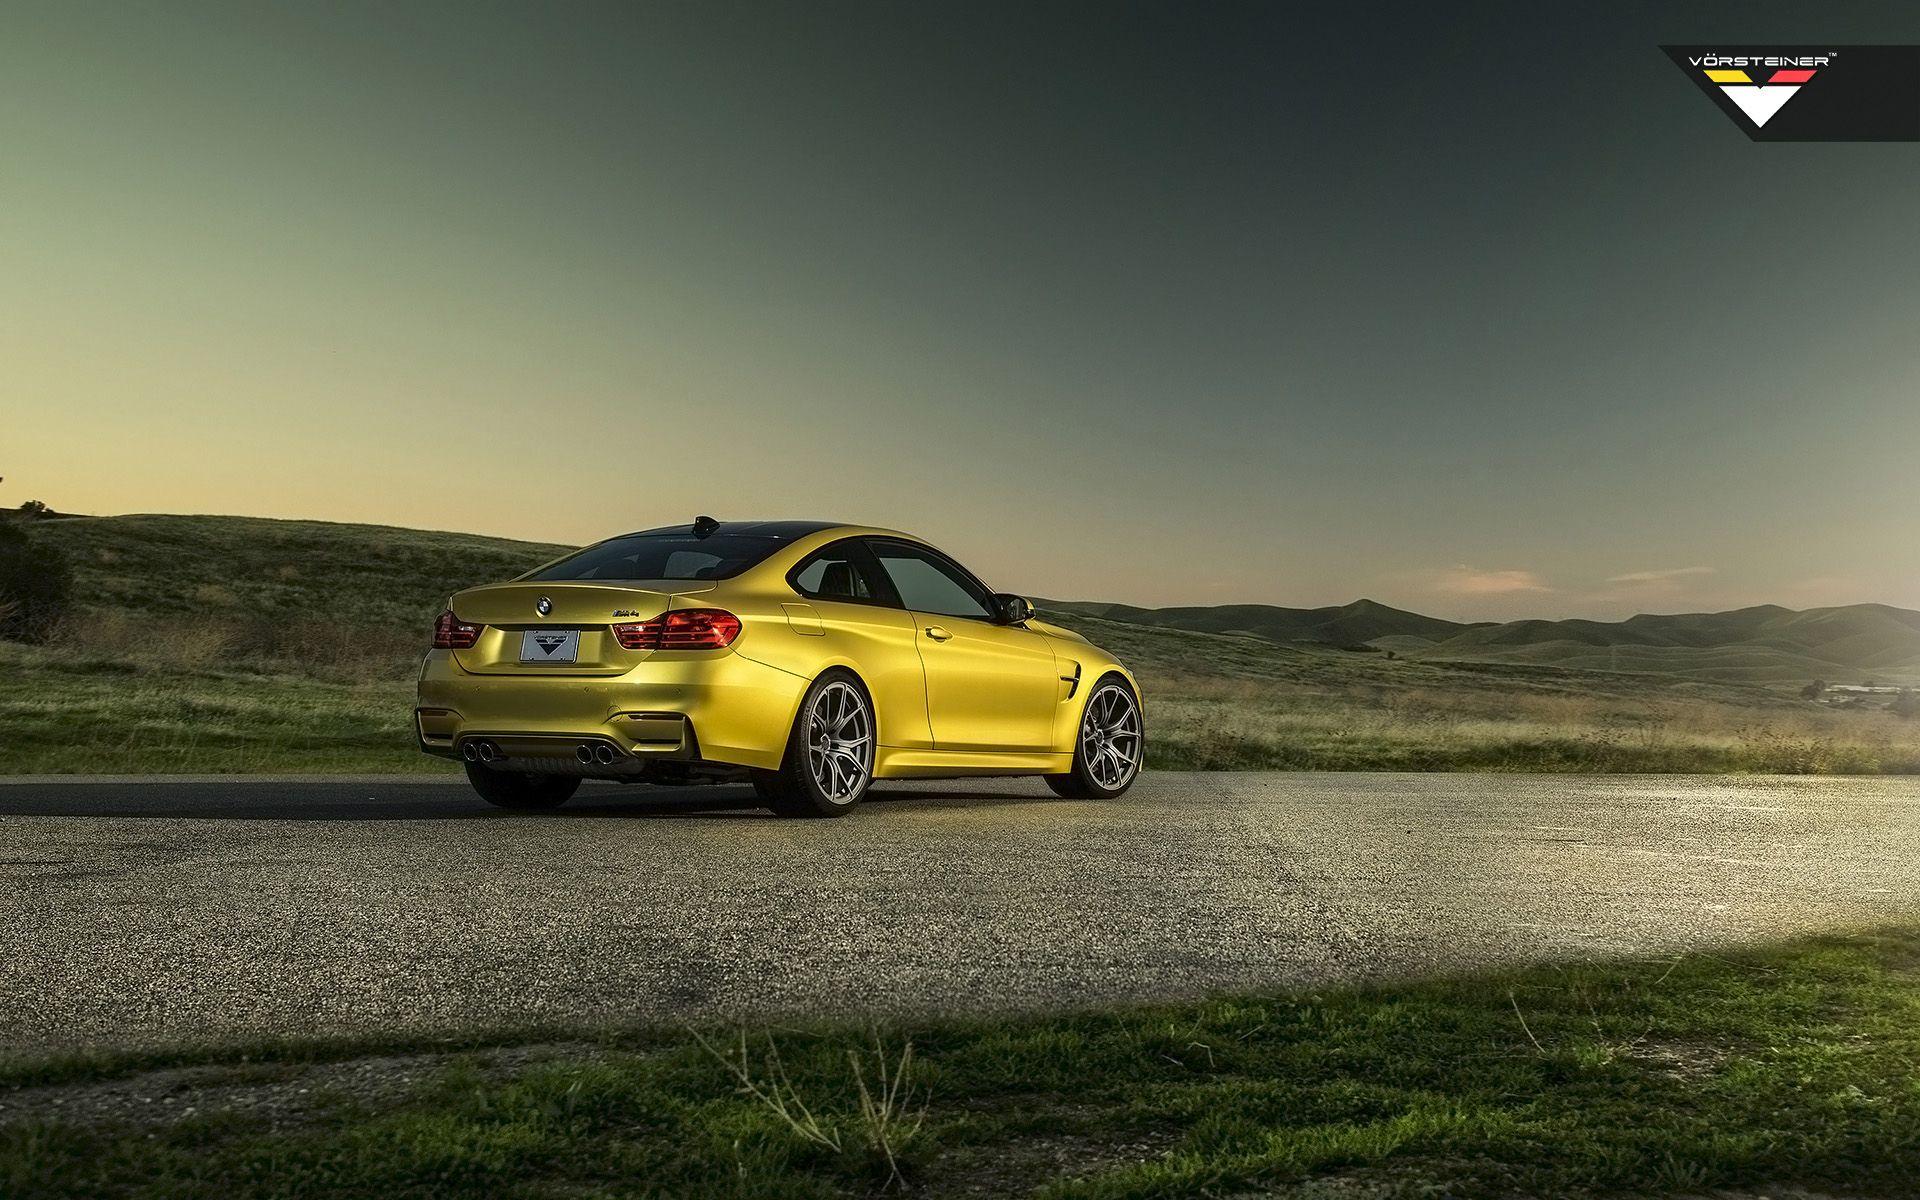 2014 Vorsteiner BMW M4 Austin Yellow Static 4